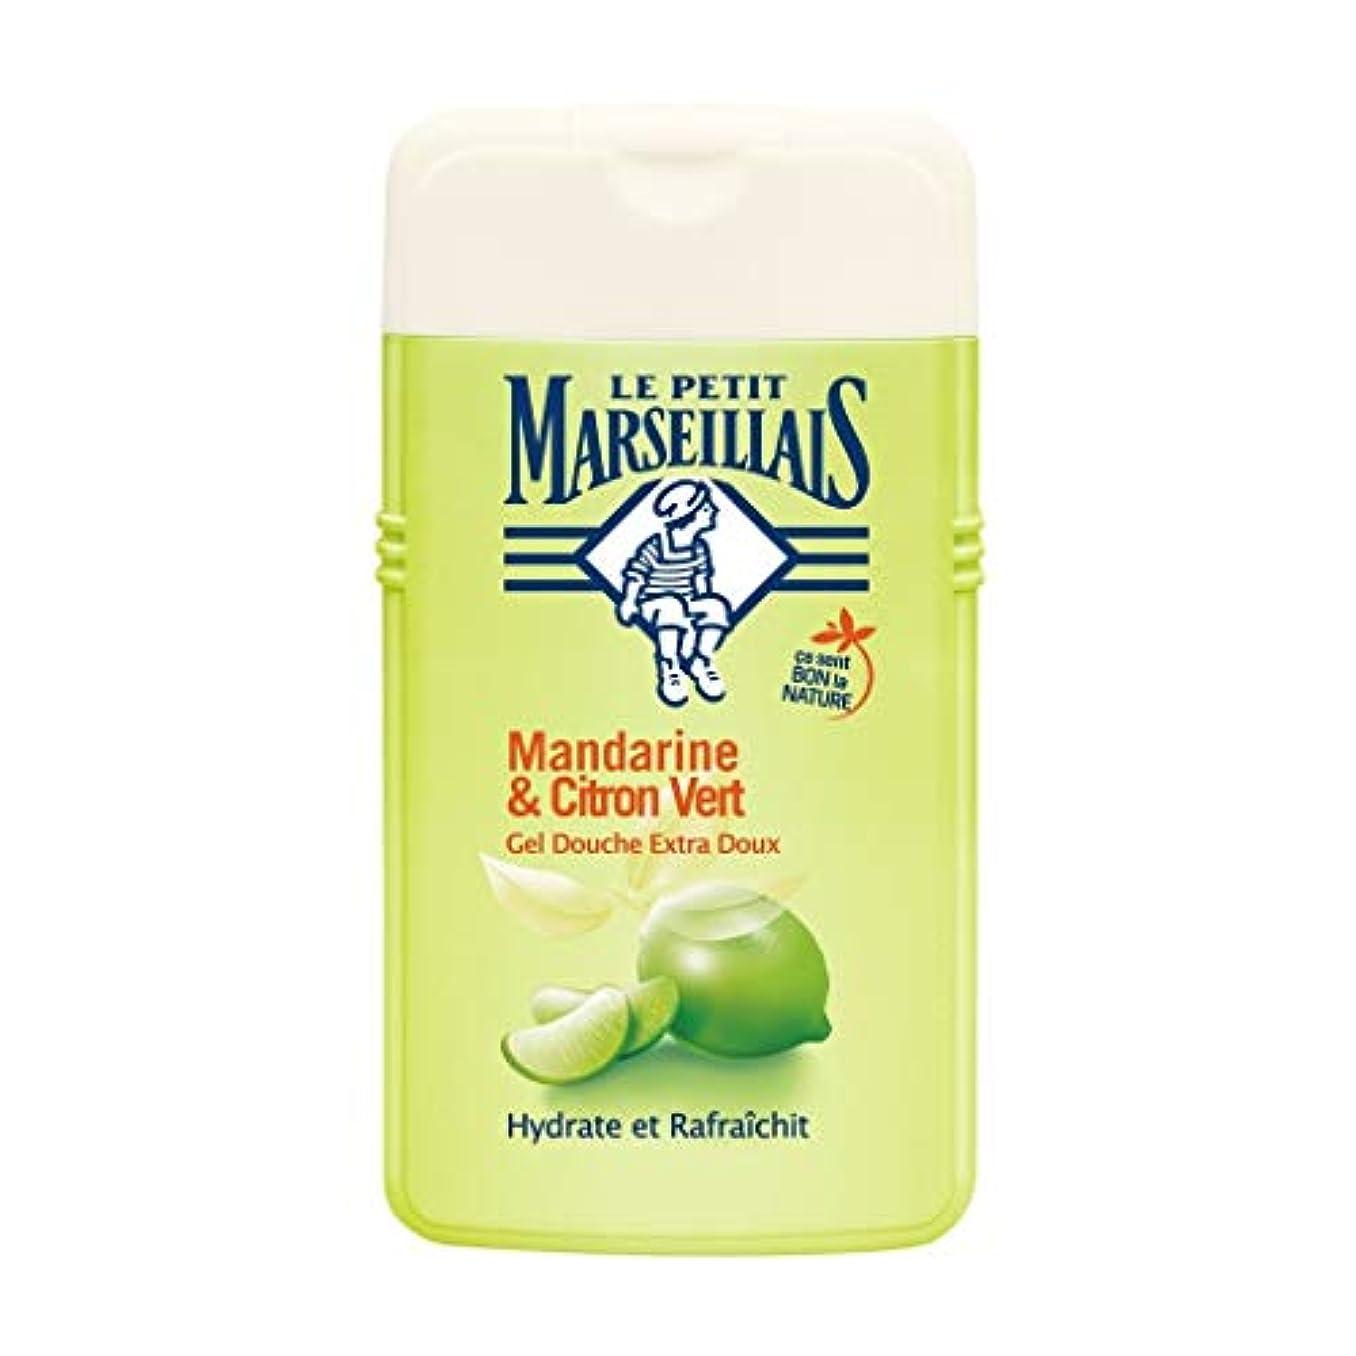 冊子闘争スライスル プティ マルセイユ Le Petit Marseillais シャワージェル/ボディソープ (マンダリンオレンジ と ライム, 250 ml)